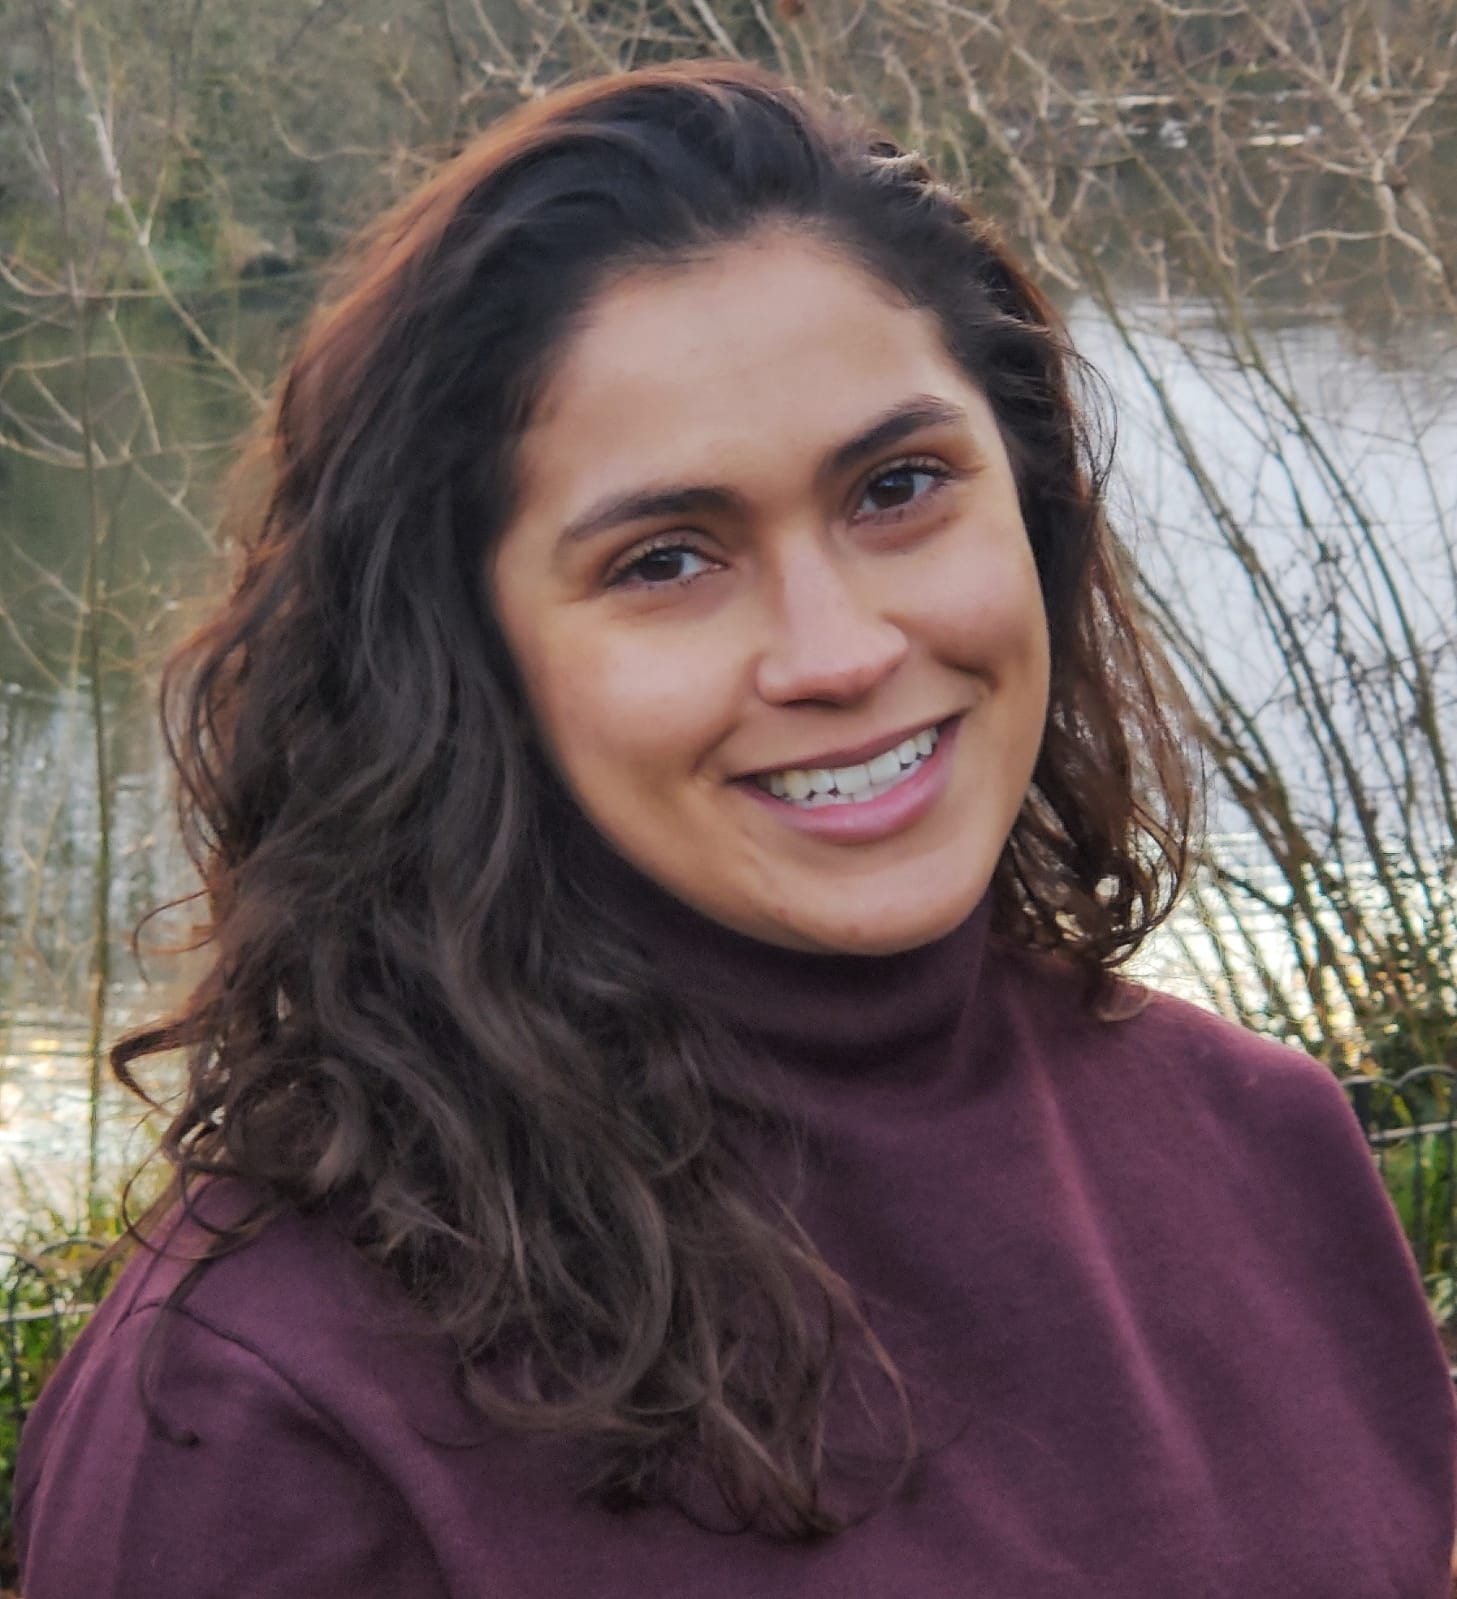 Amy De Zoysa